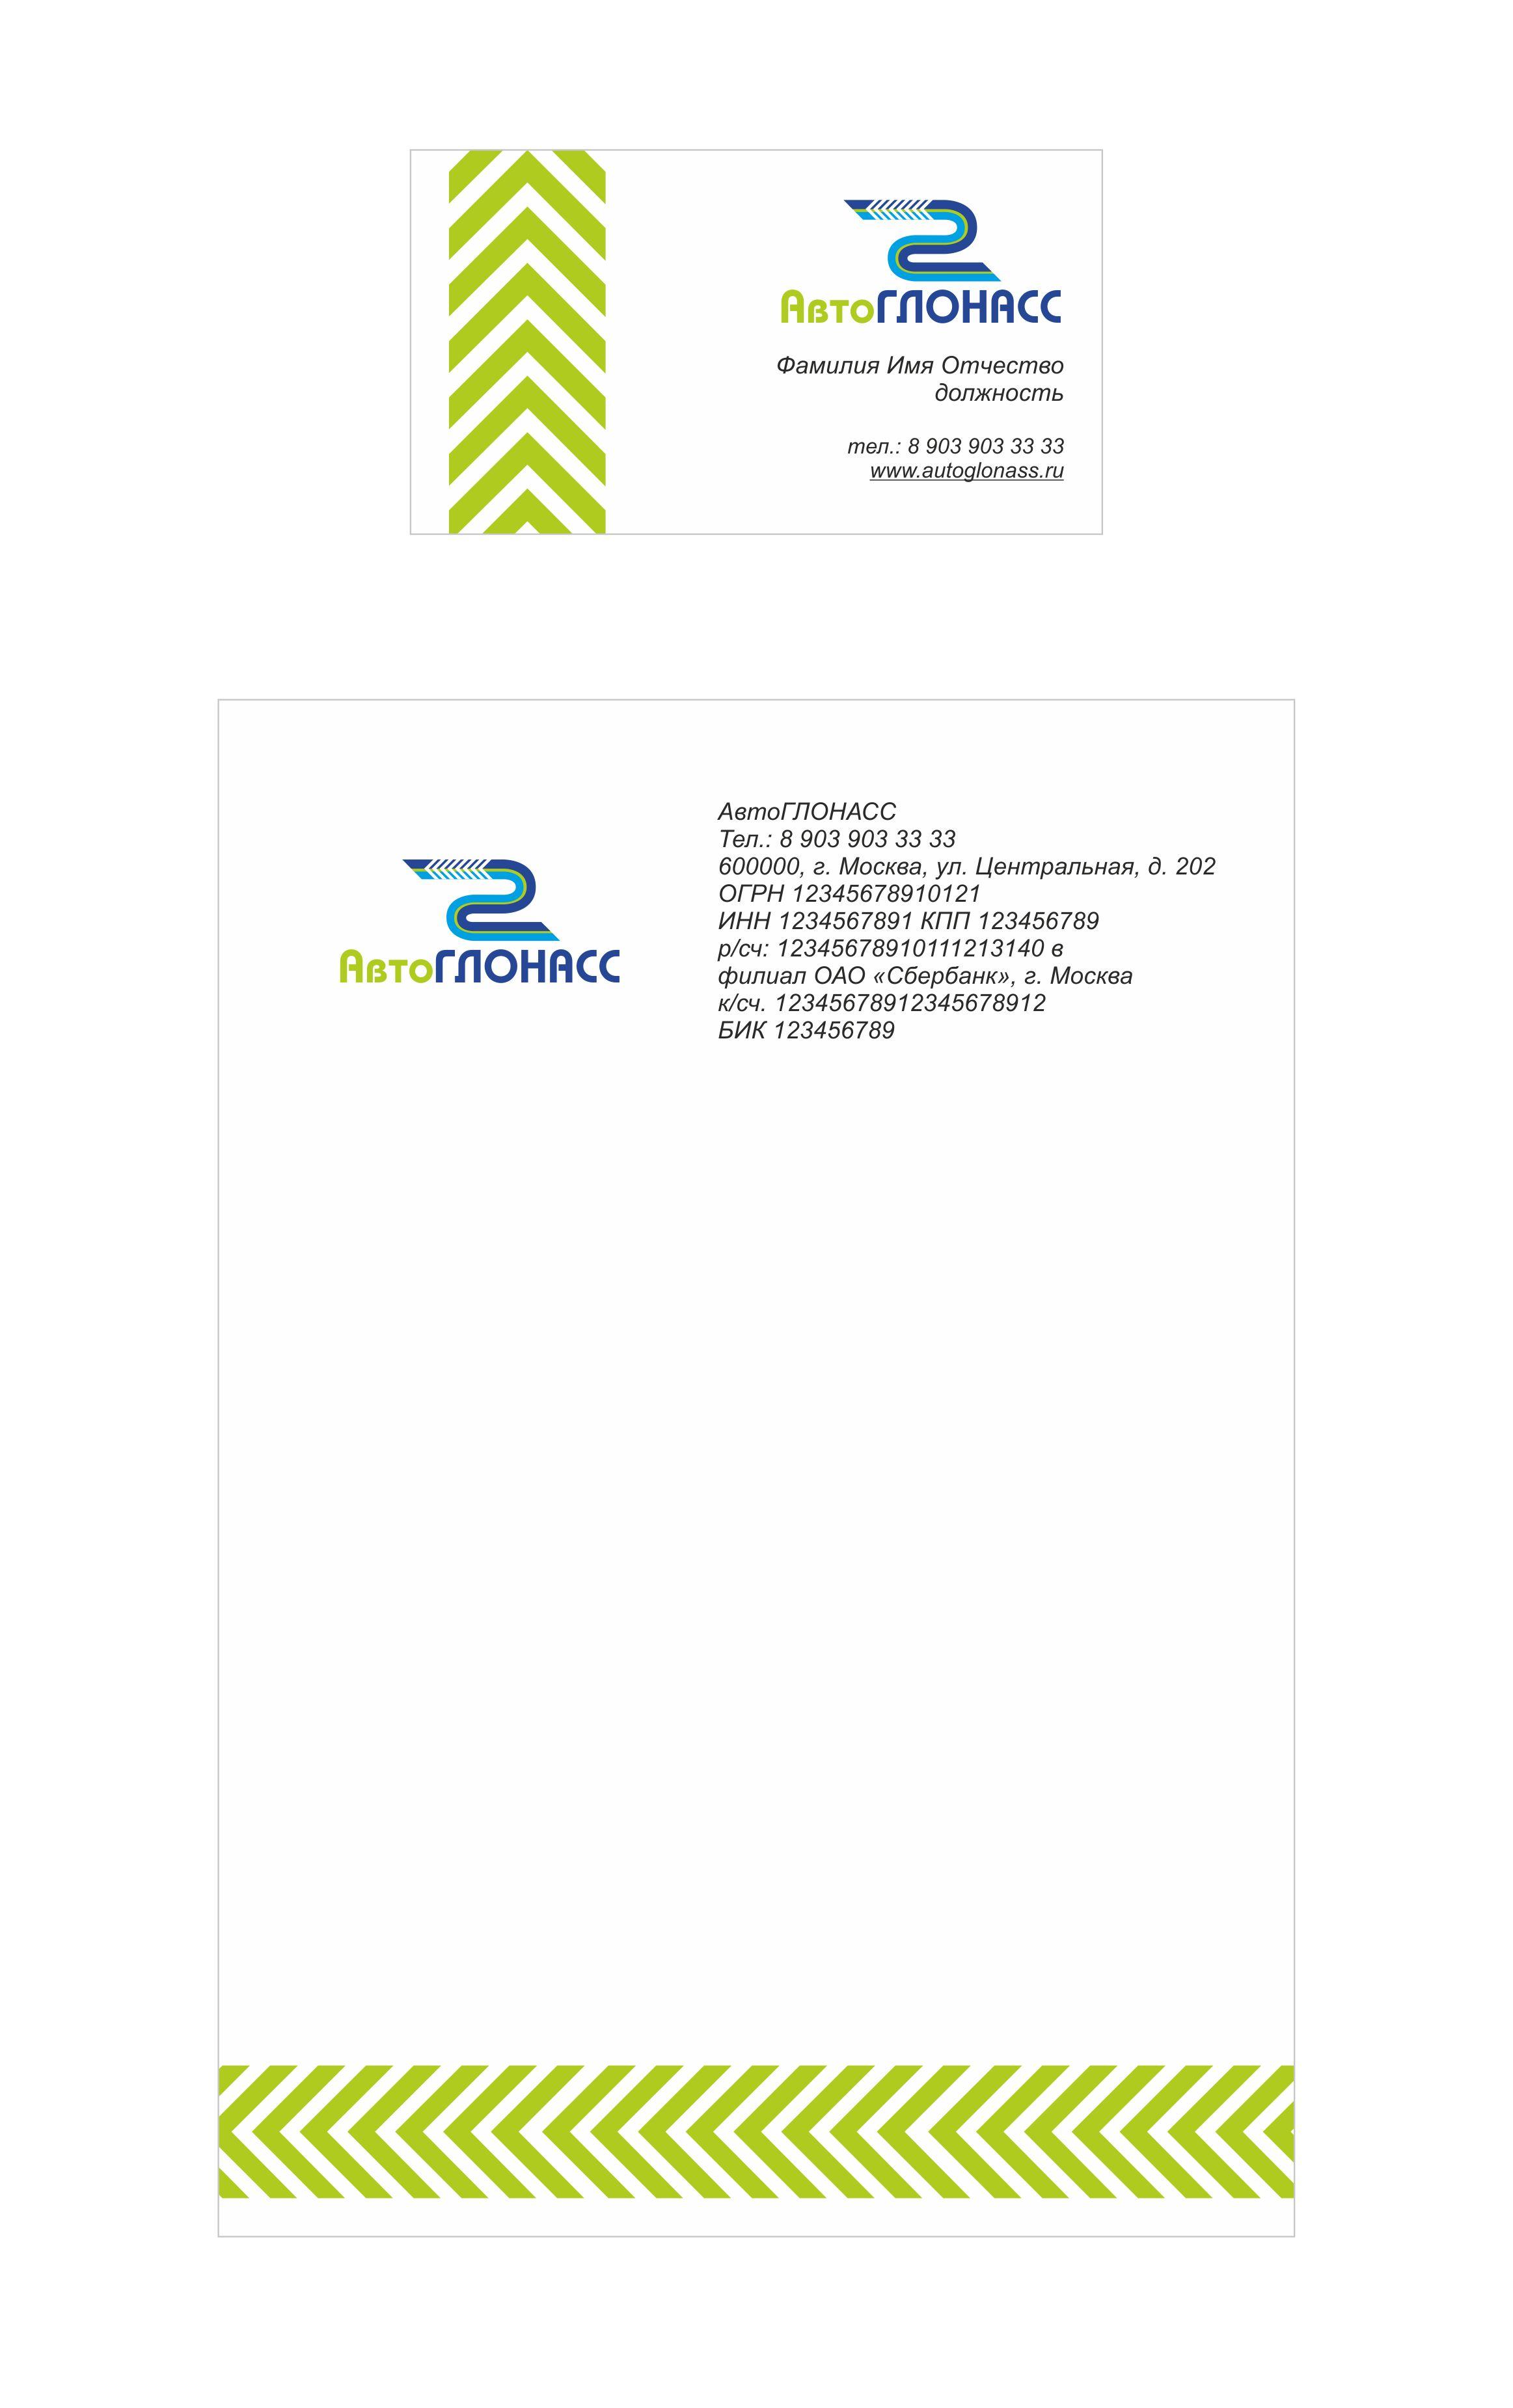 Логотип и фирменный стиль проекта АвтоГЛОНАСС - дизайнер malevich